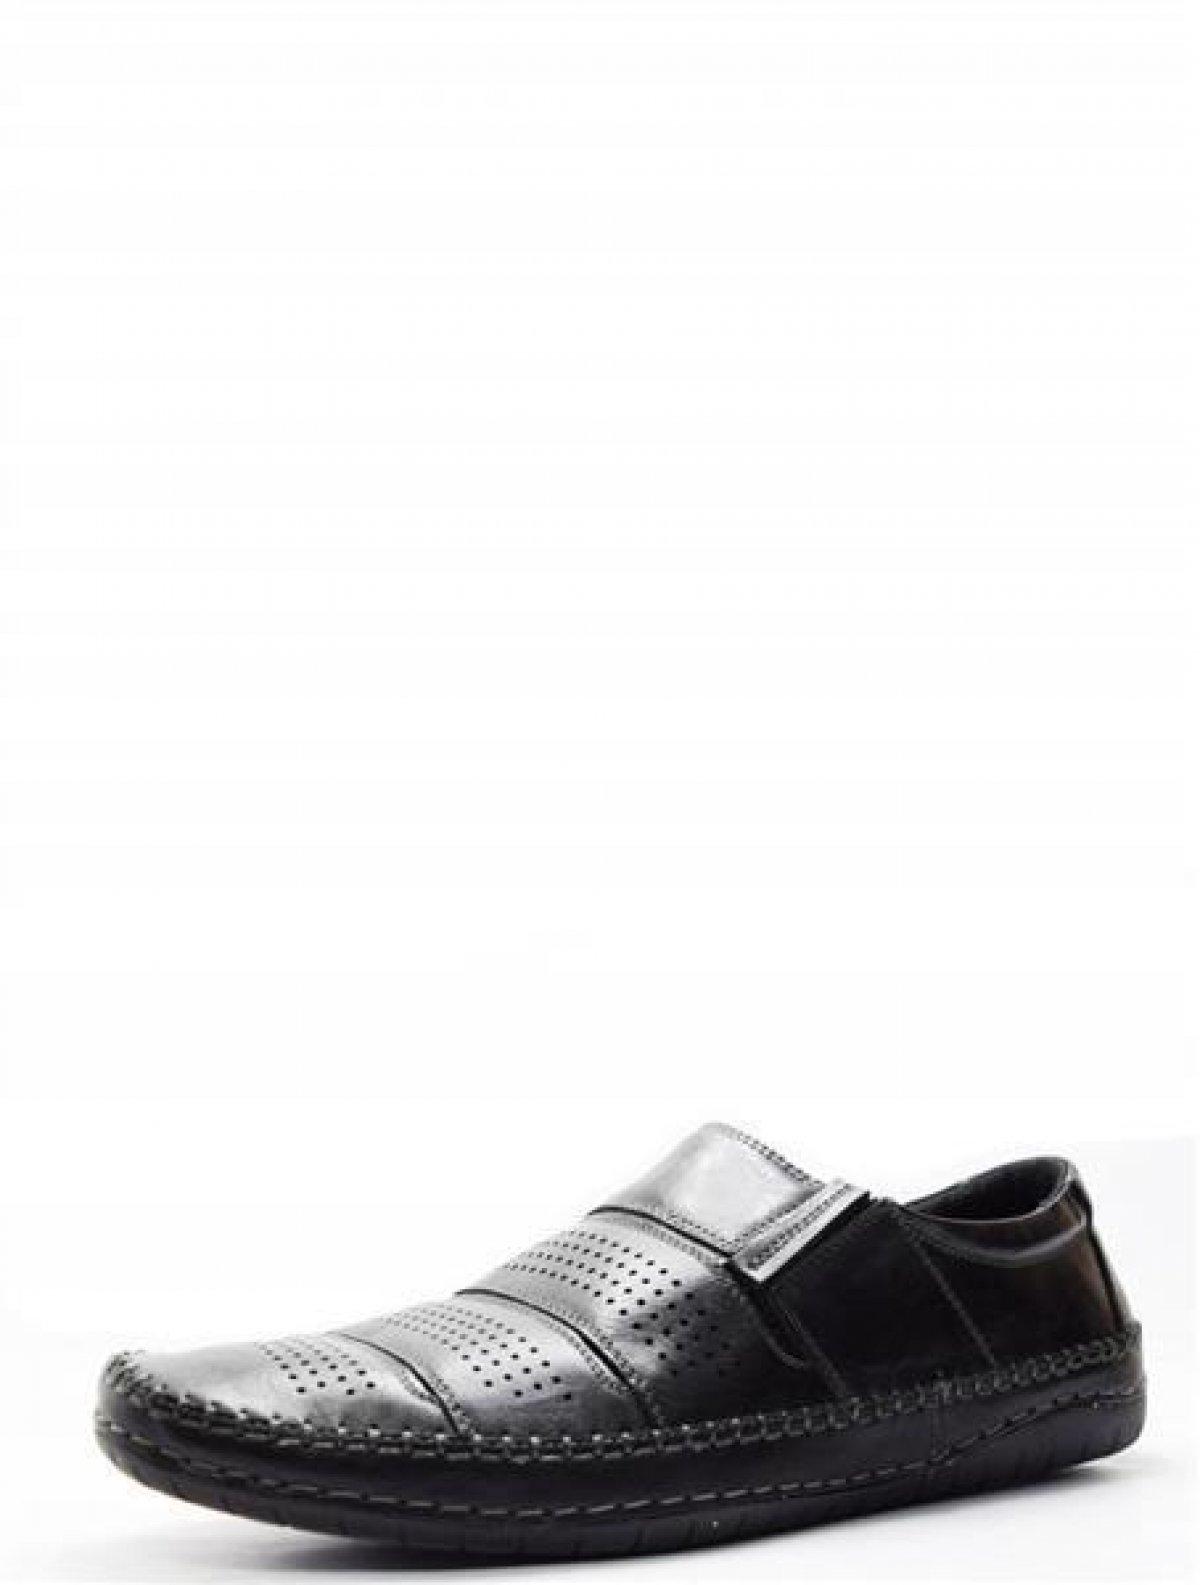 116510-7 туфли мужские